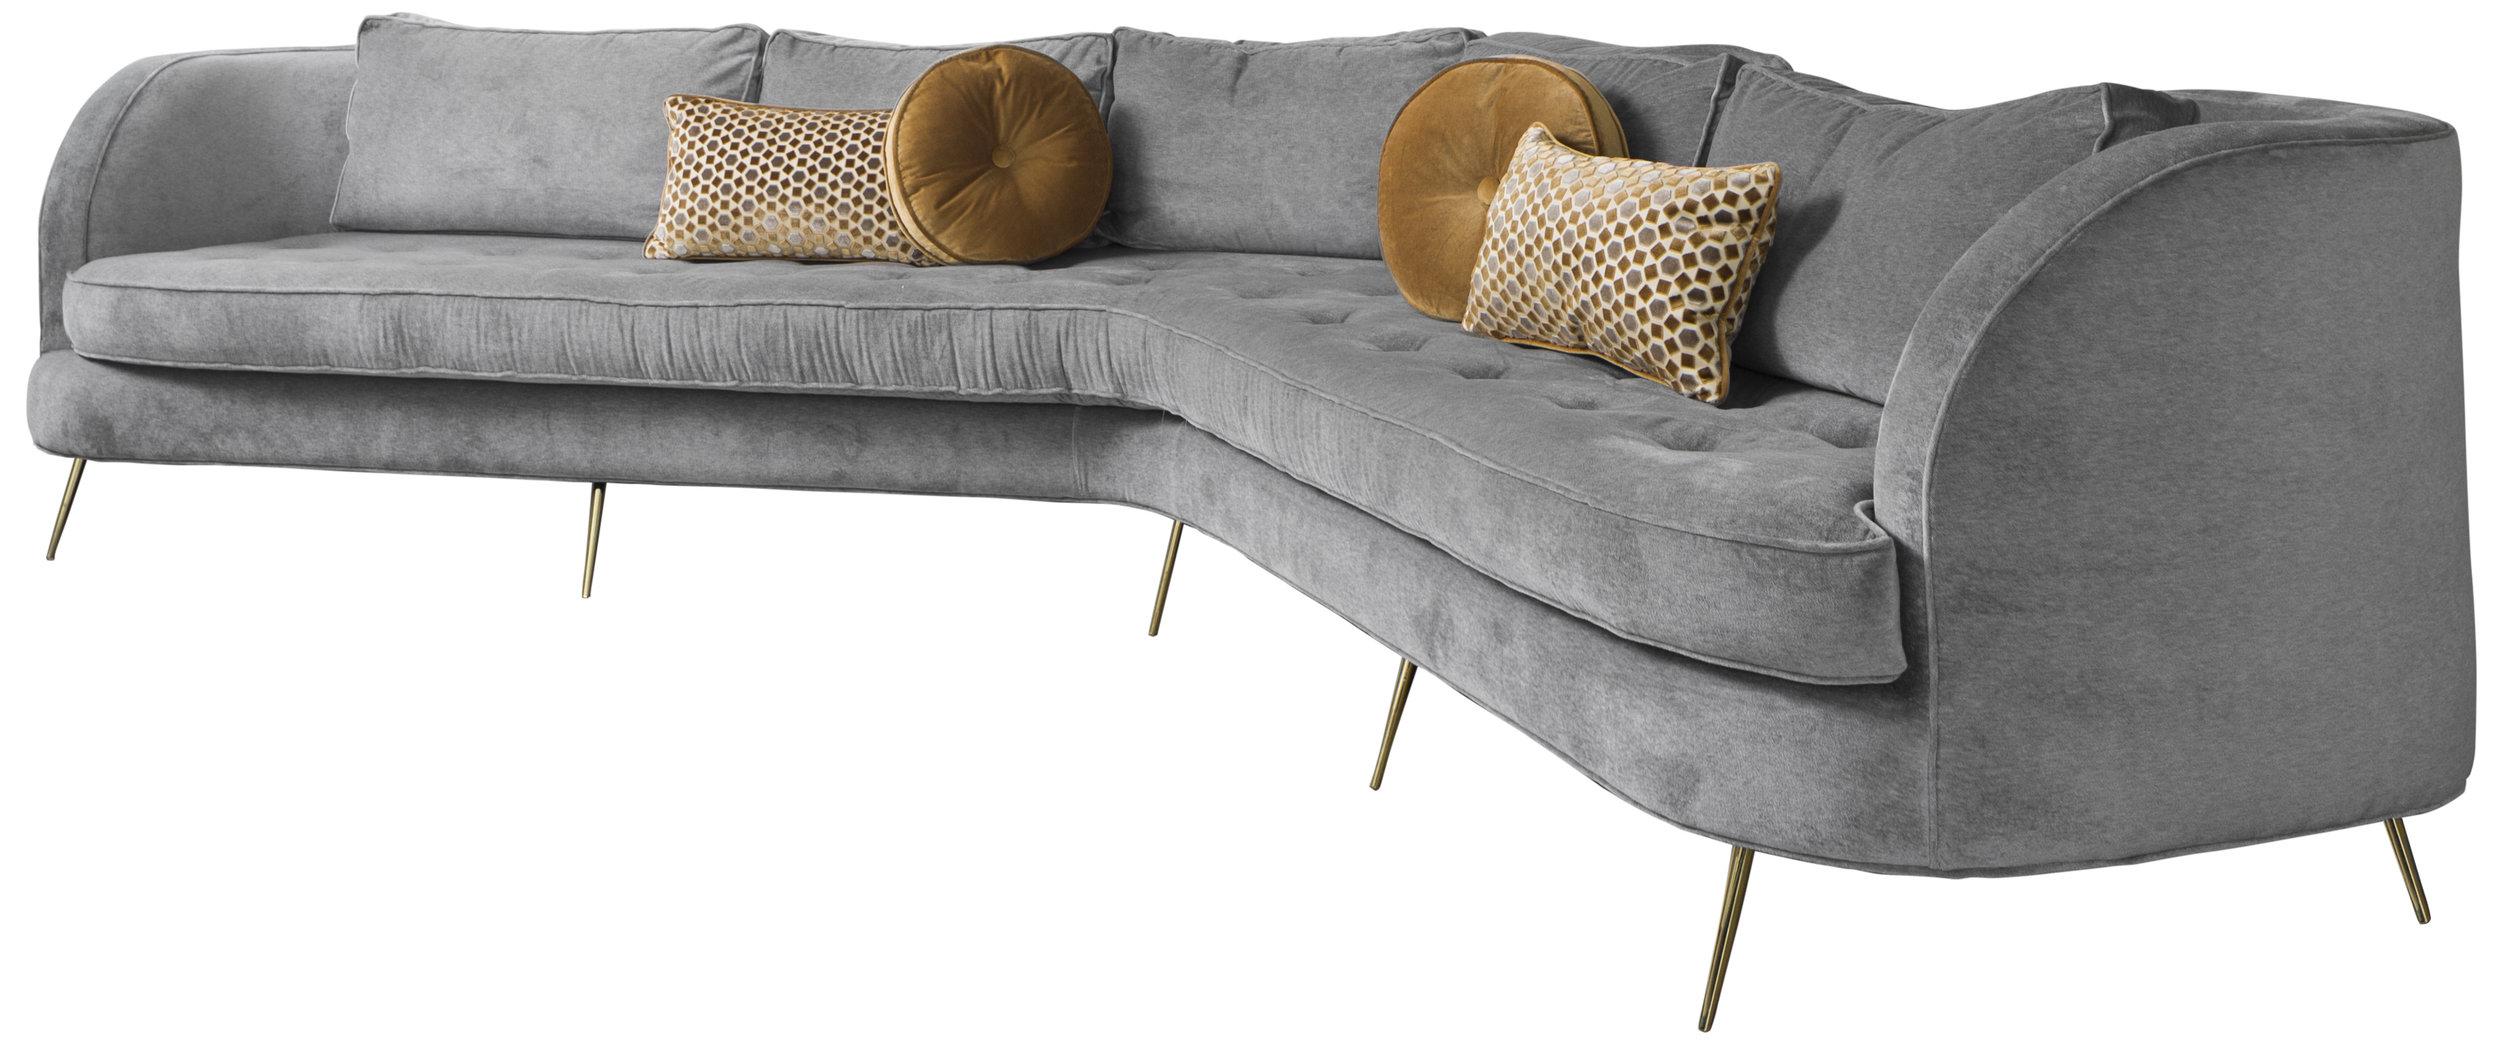 Varenna Sofa 2.jpg